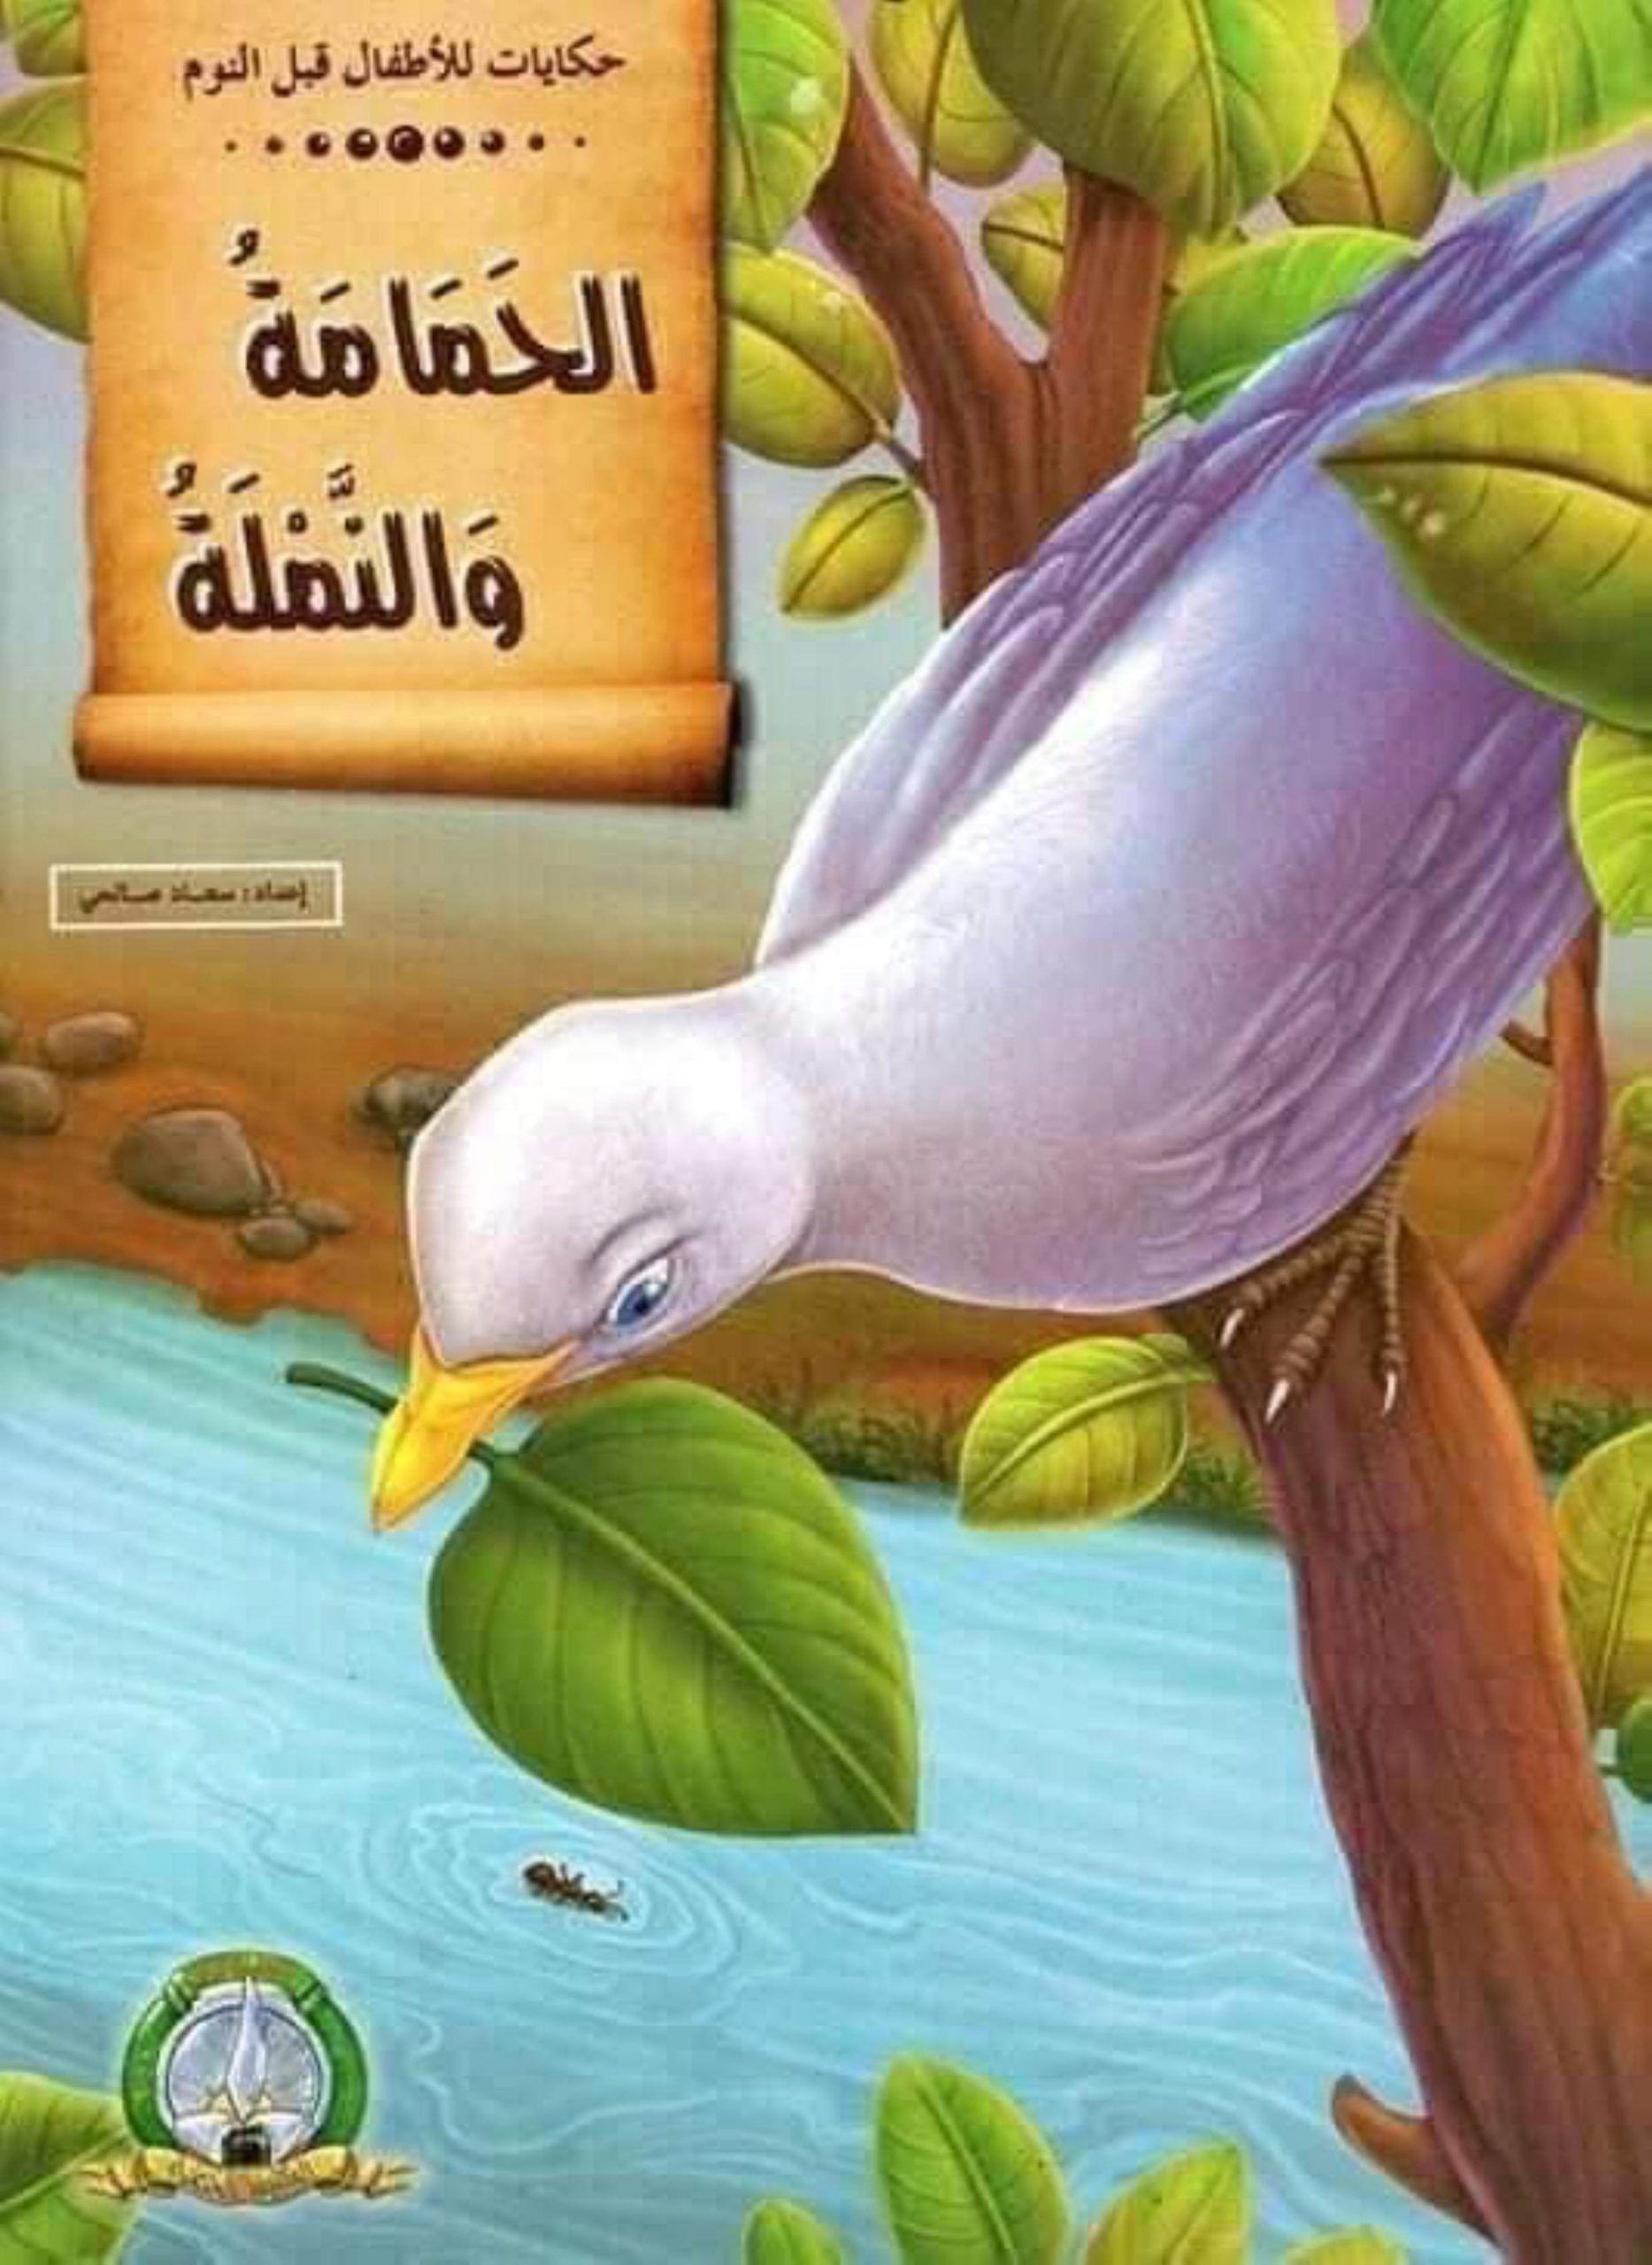 قصة الحمامة والنملة من سلسلة حكايات الأطفال قبل النوم Stories For Kids Animals